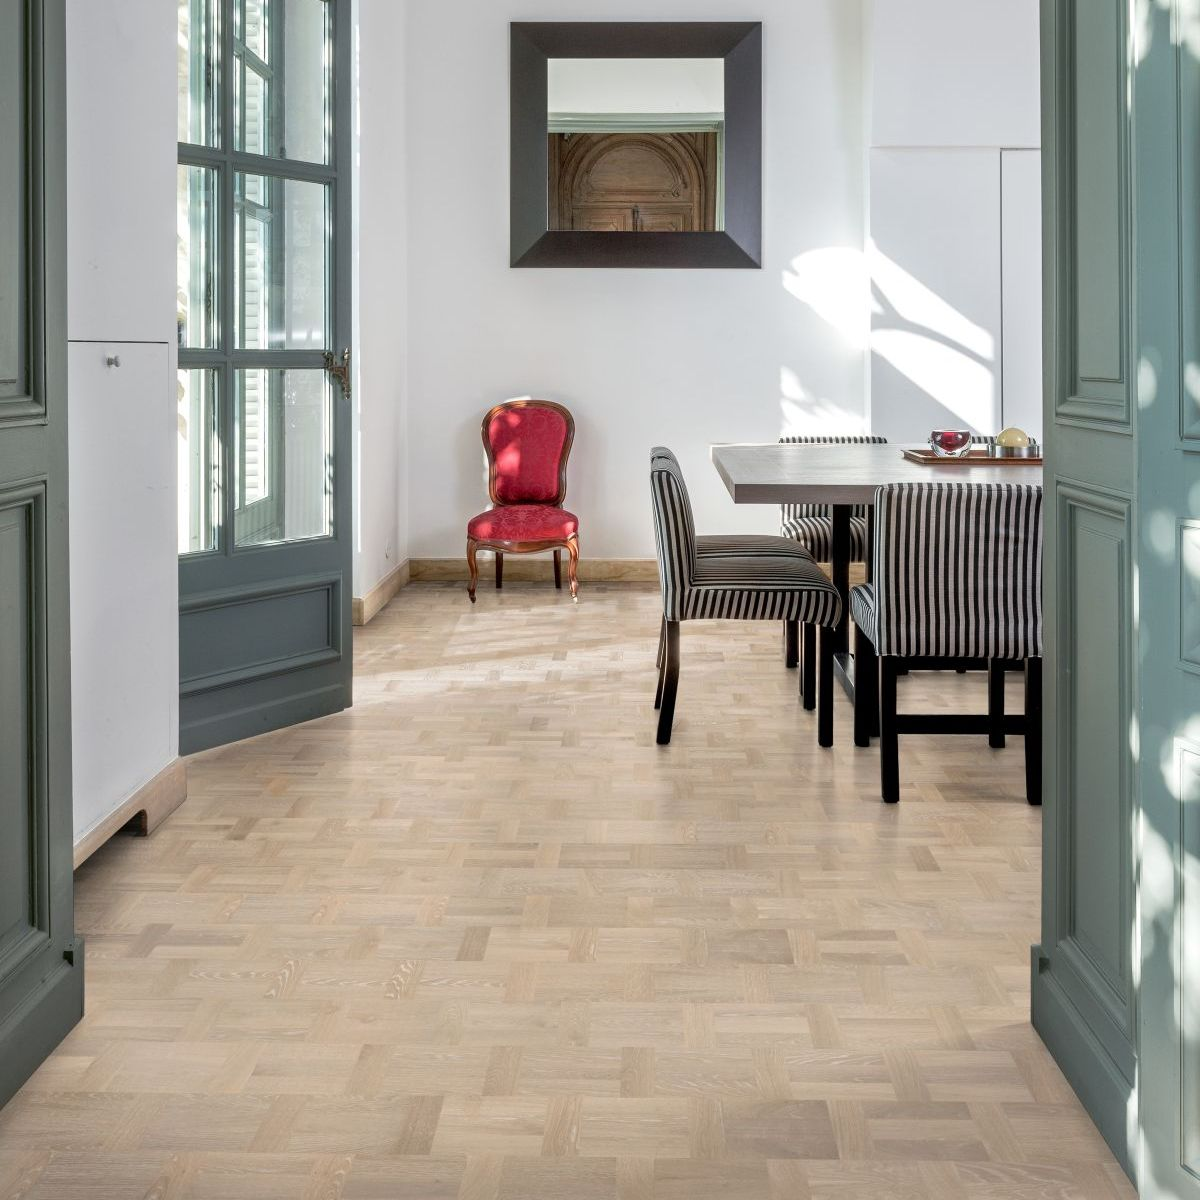 Kährs Ek Palazzo Bianco Holländskt Mattlack - Parkettgolv